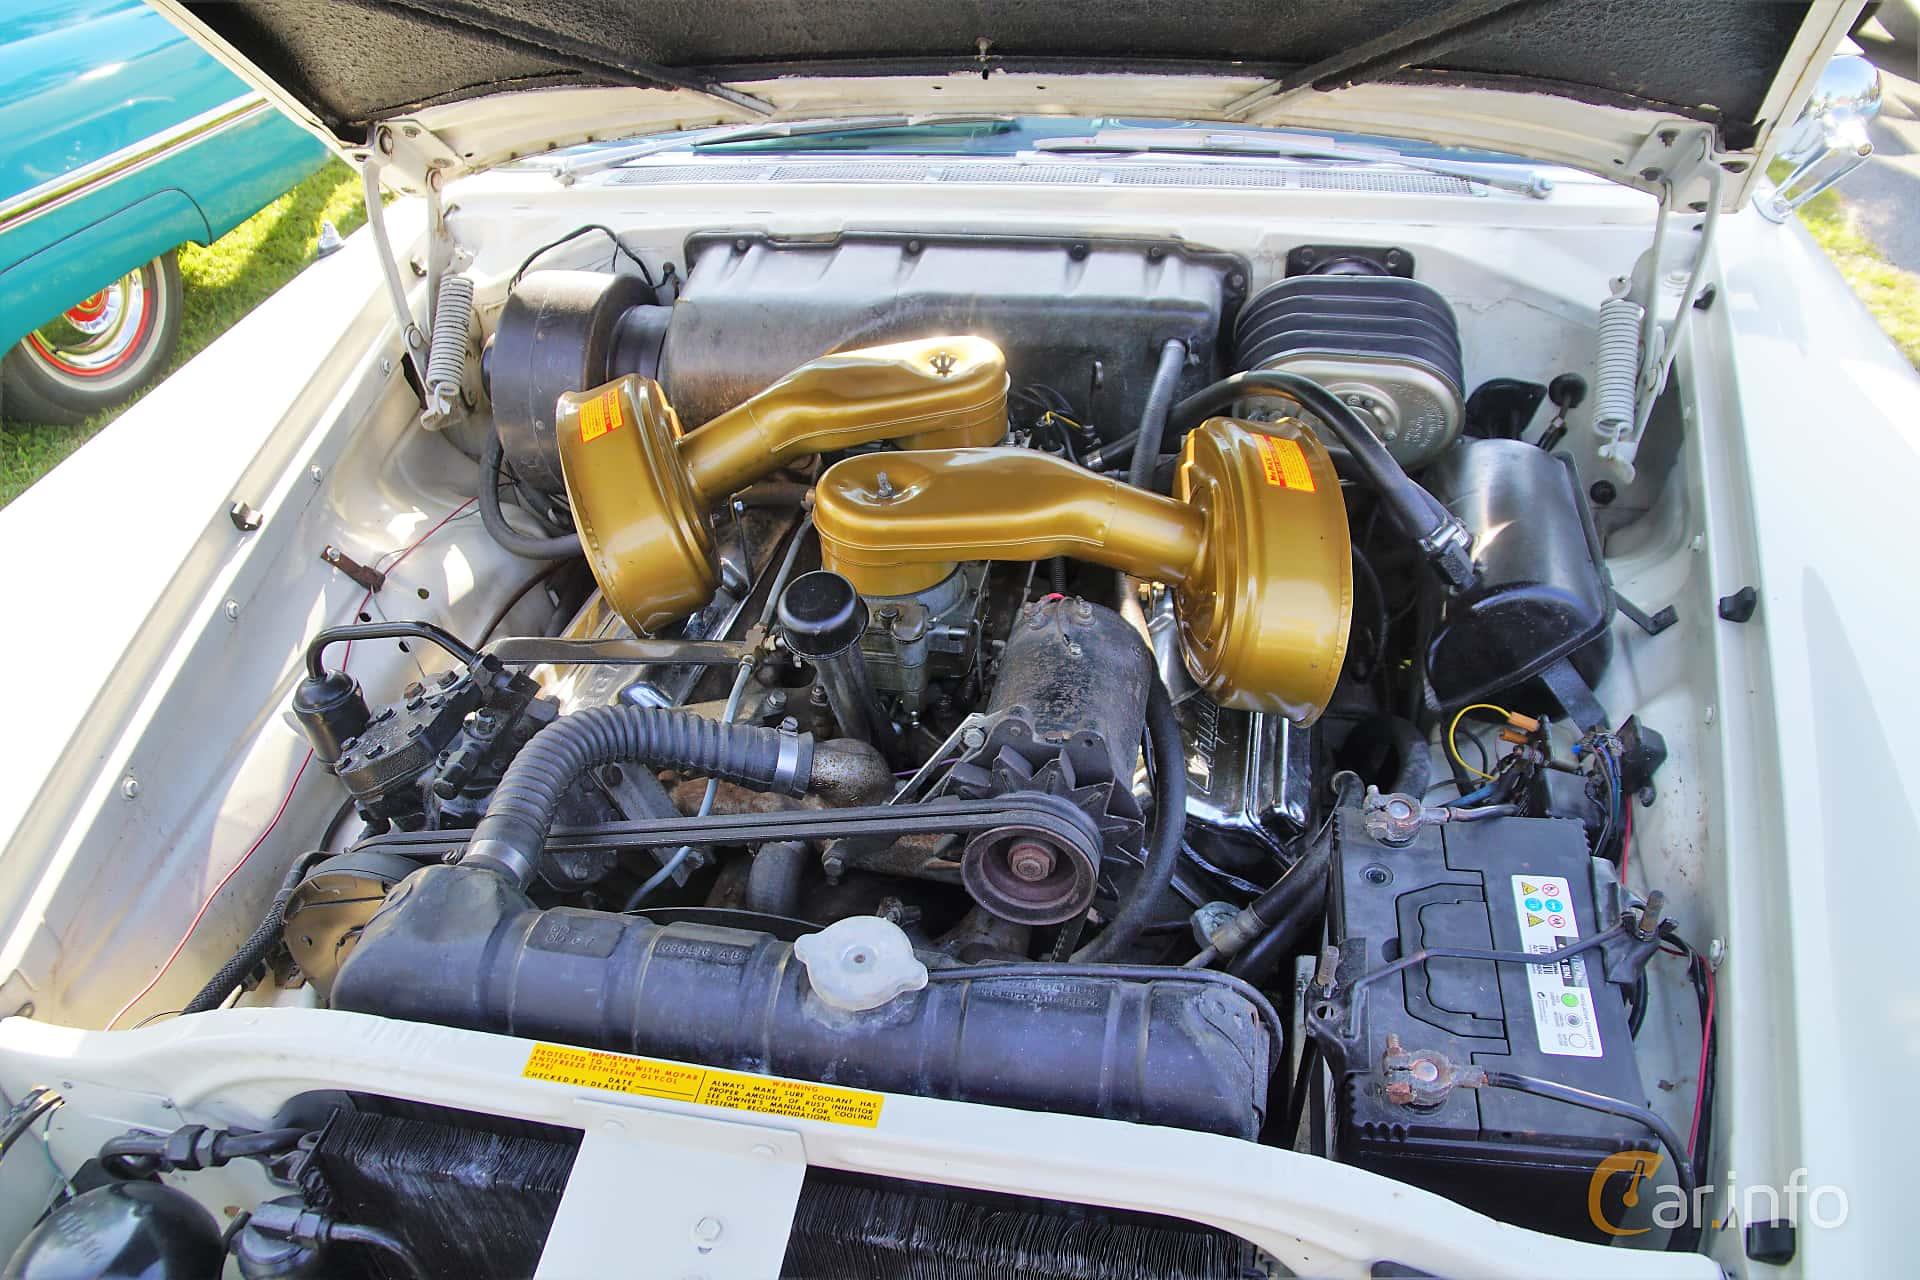 Chrysler 300C Hardtop 6.4 V8 TorqueFlite, 396hk, 1957 at Onsdagsträffar på Gammlia Umeå 2019 vecka 28